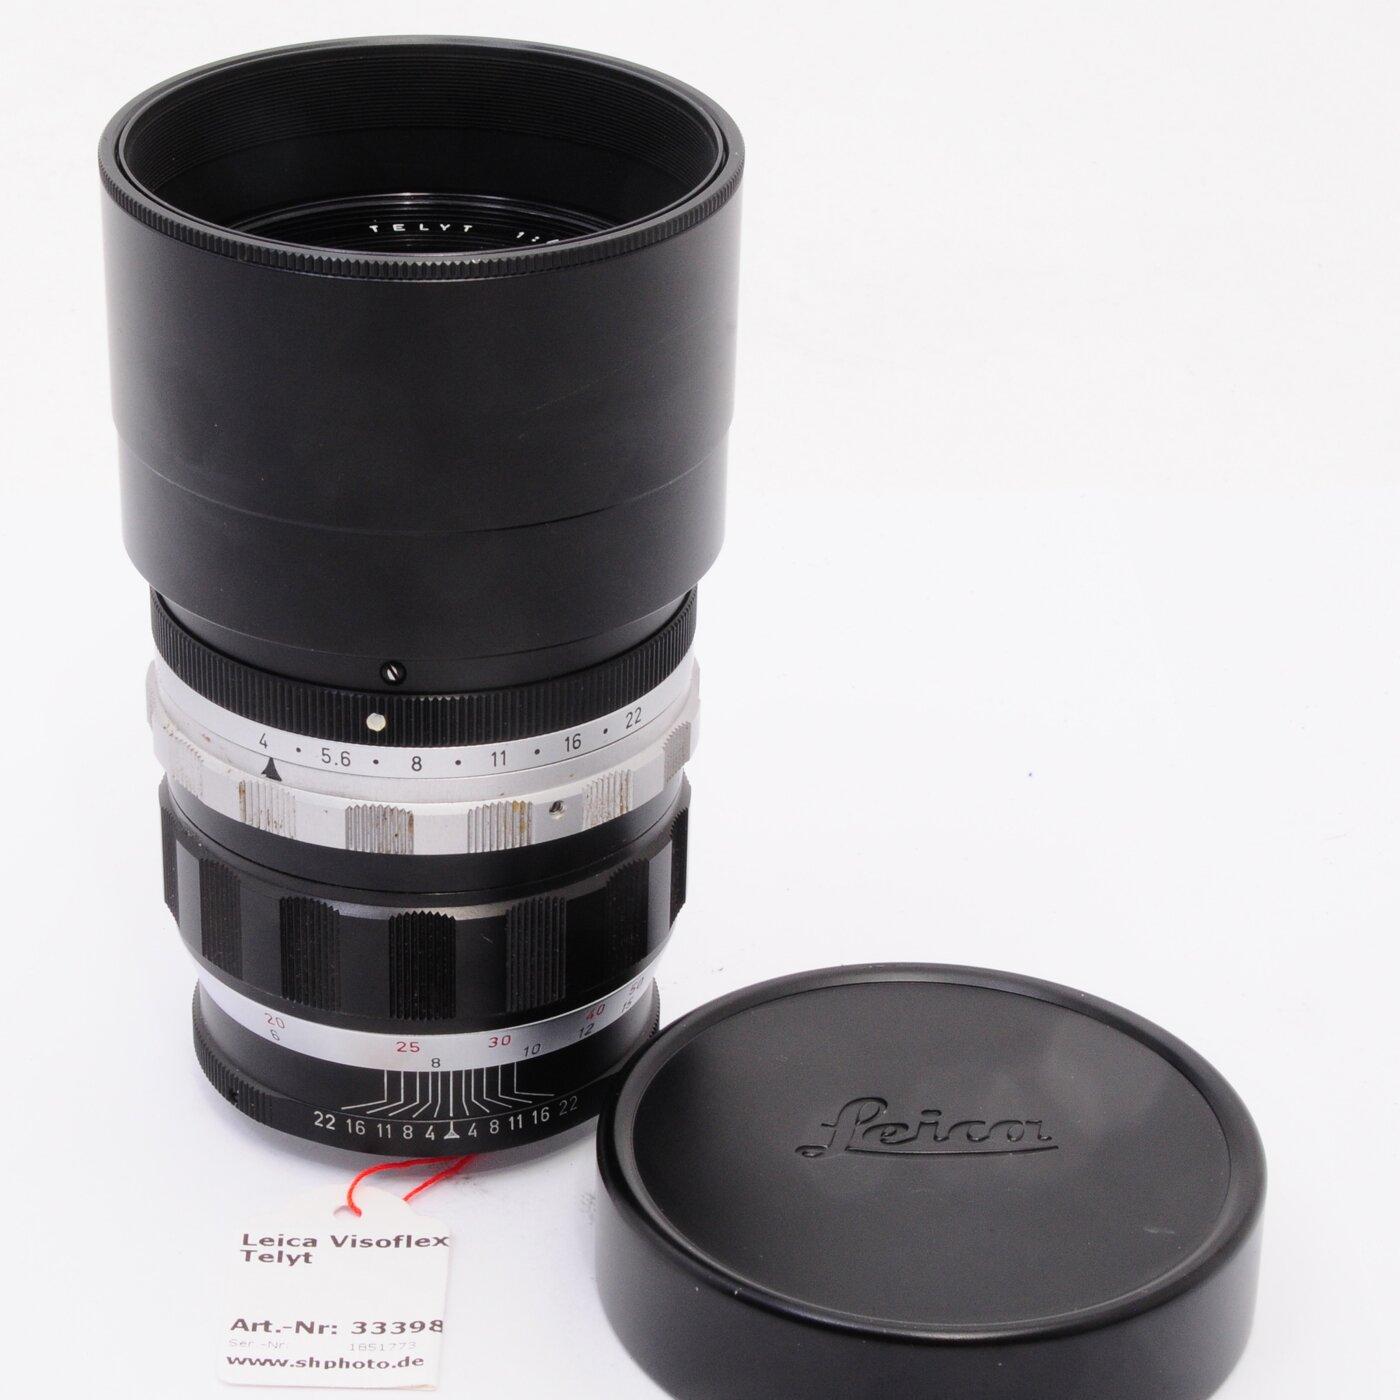 Leitz Leica Visoflex Telyt 200mm F4.0 Black